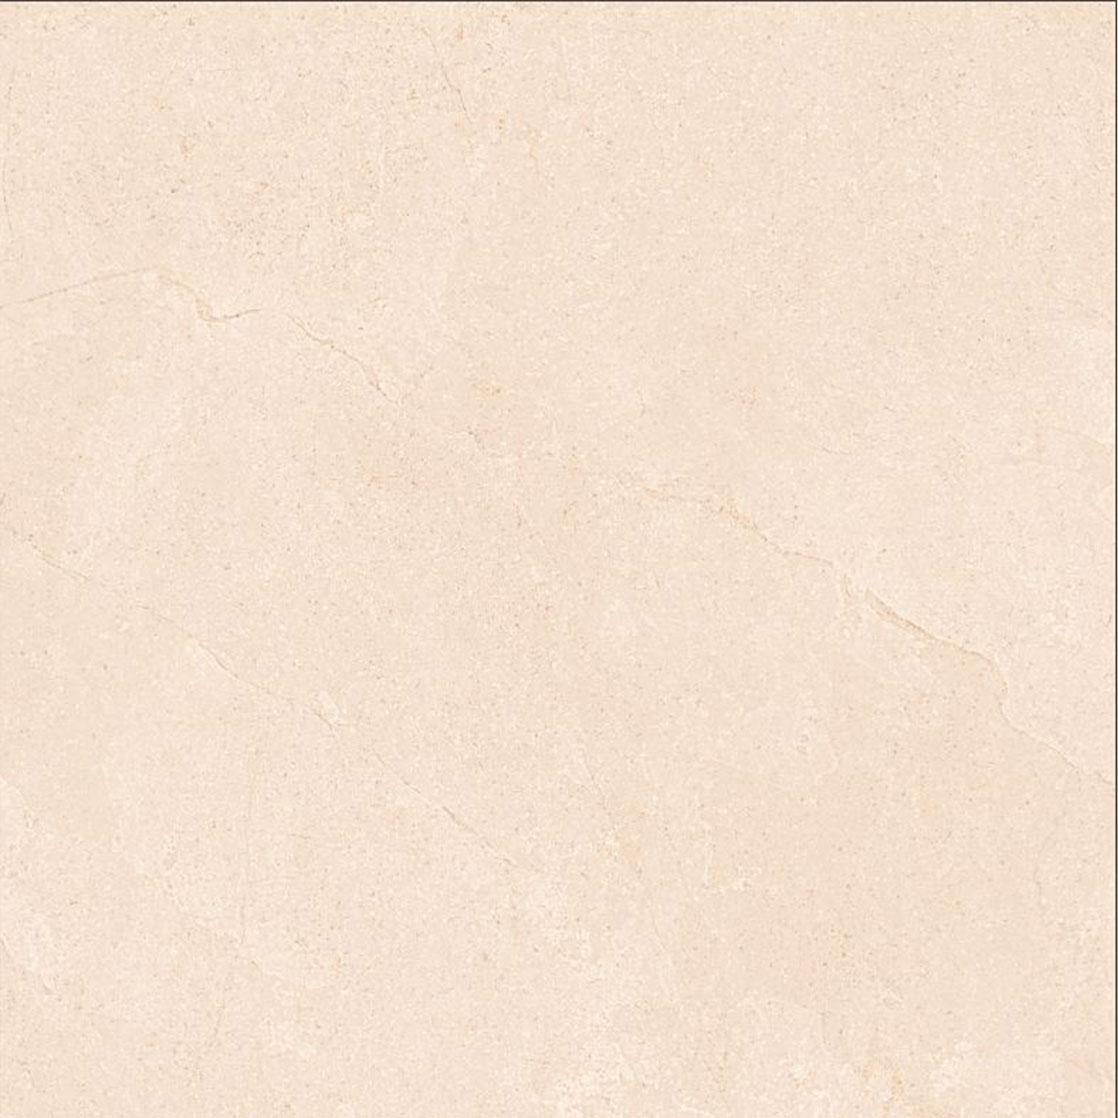 Gạch lát nền Porcelain Viglacera VG6014 giá ưu đãi